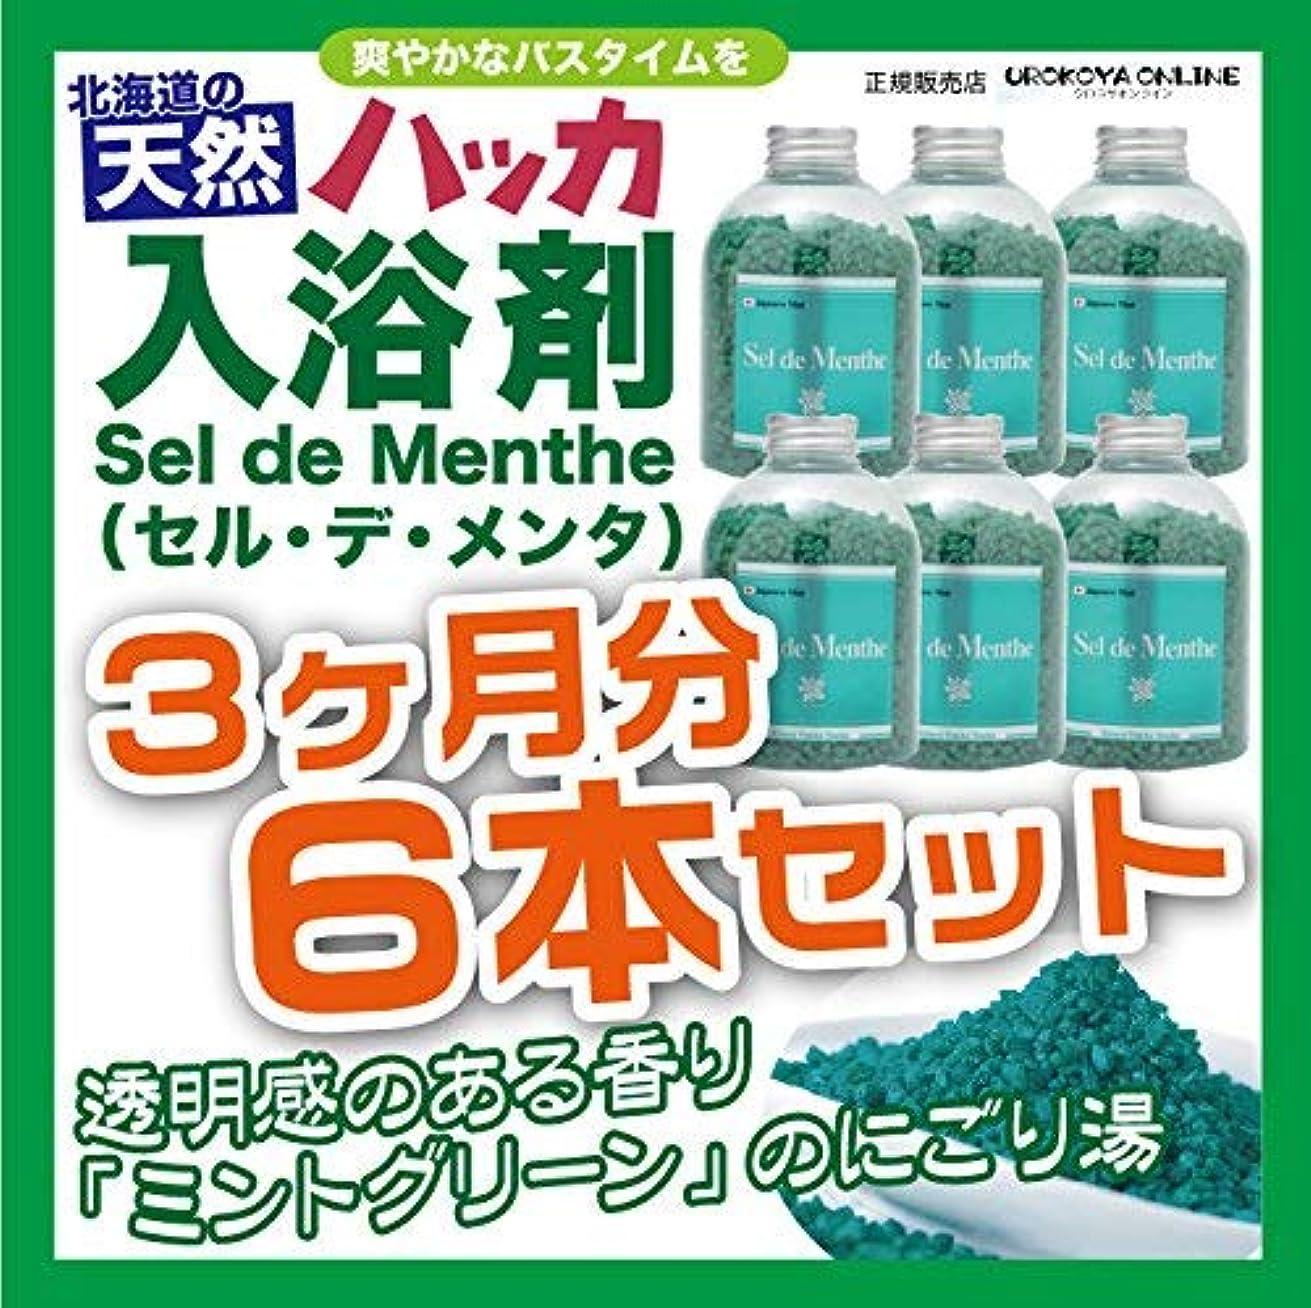 検査販売計画不愉快【6本セット】北見ハッカ通商 入浴剤Sel de Menthe(セル?デ?メンタ)徳用ボトル 6本セット 2700g